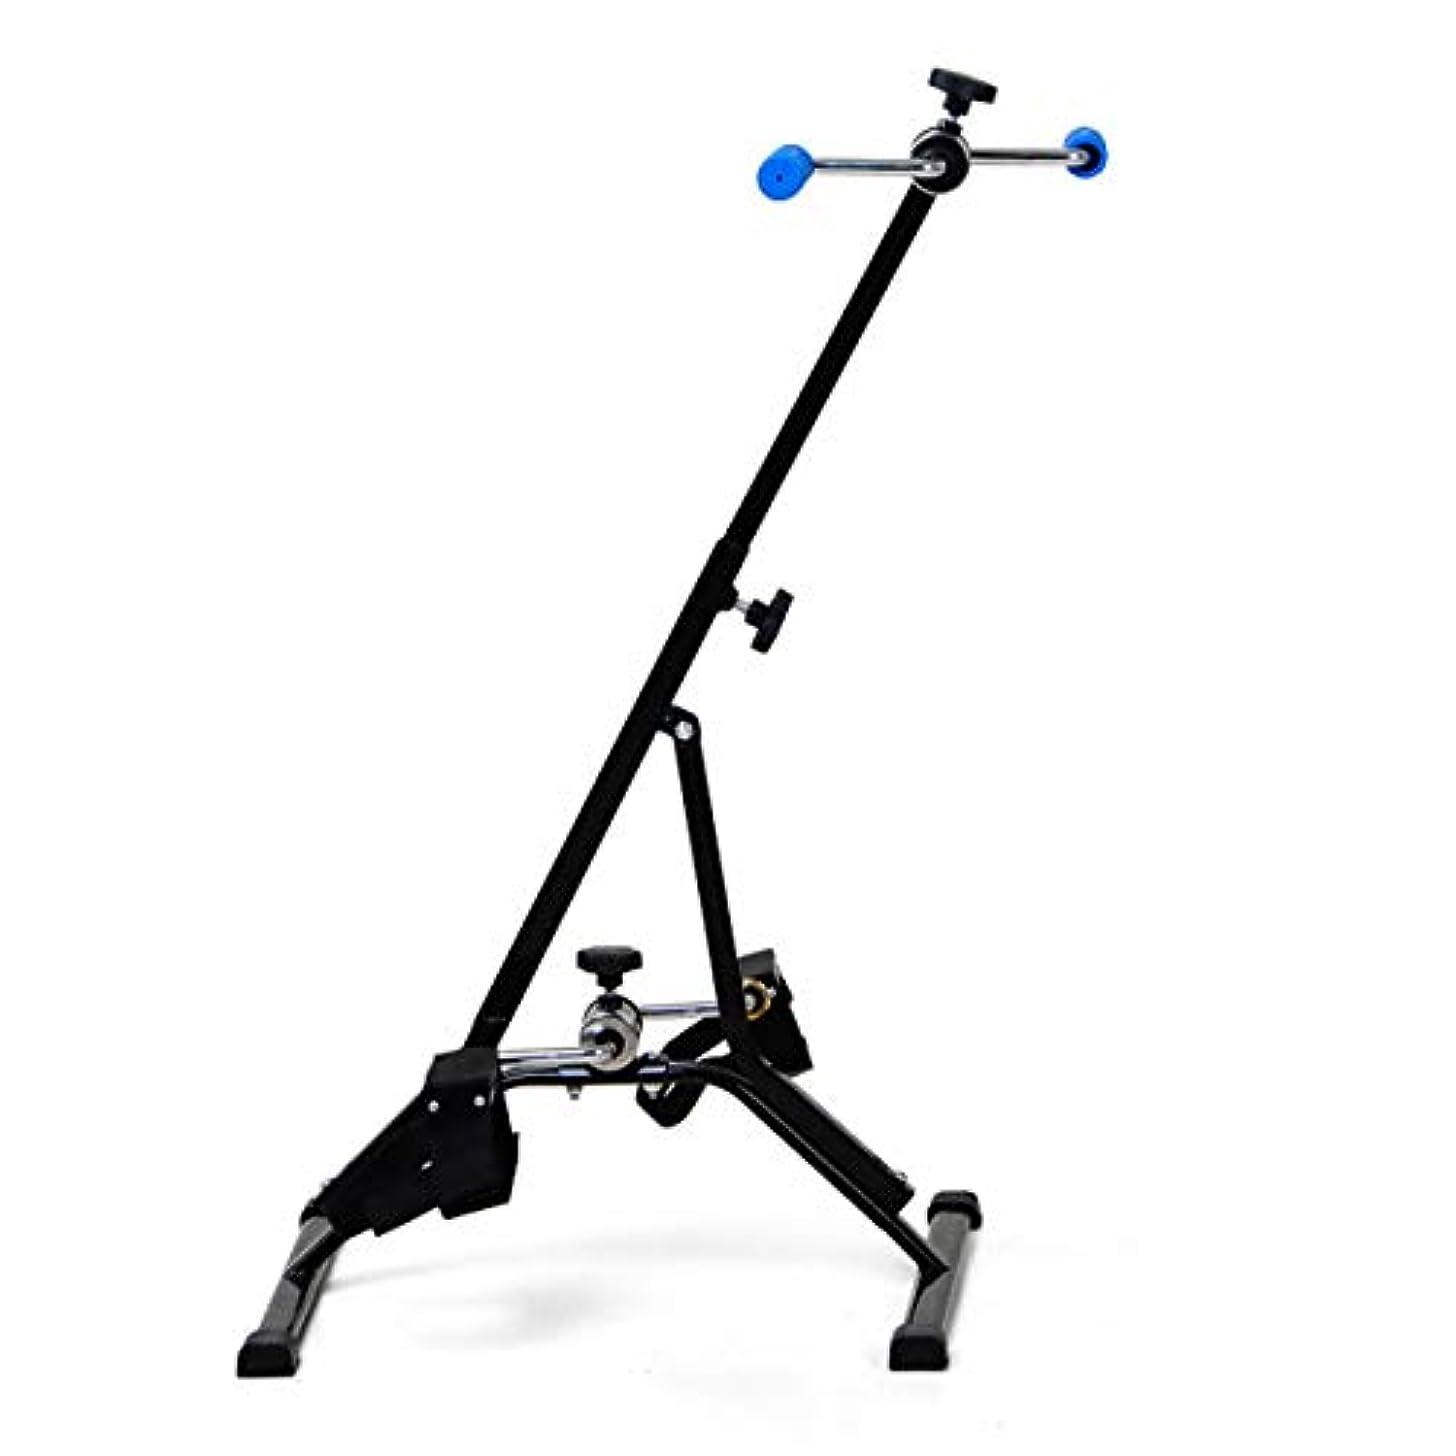 リハビリテーション用トレーニングバイク、障害のある高齢者のリハビリテーションのためのトレーニングツール、レッグアームペダルエクササイザー、運動器具,A